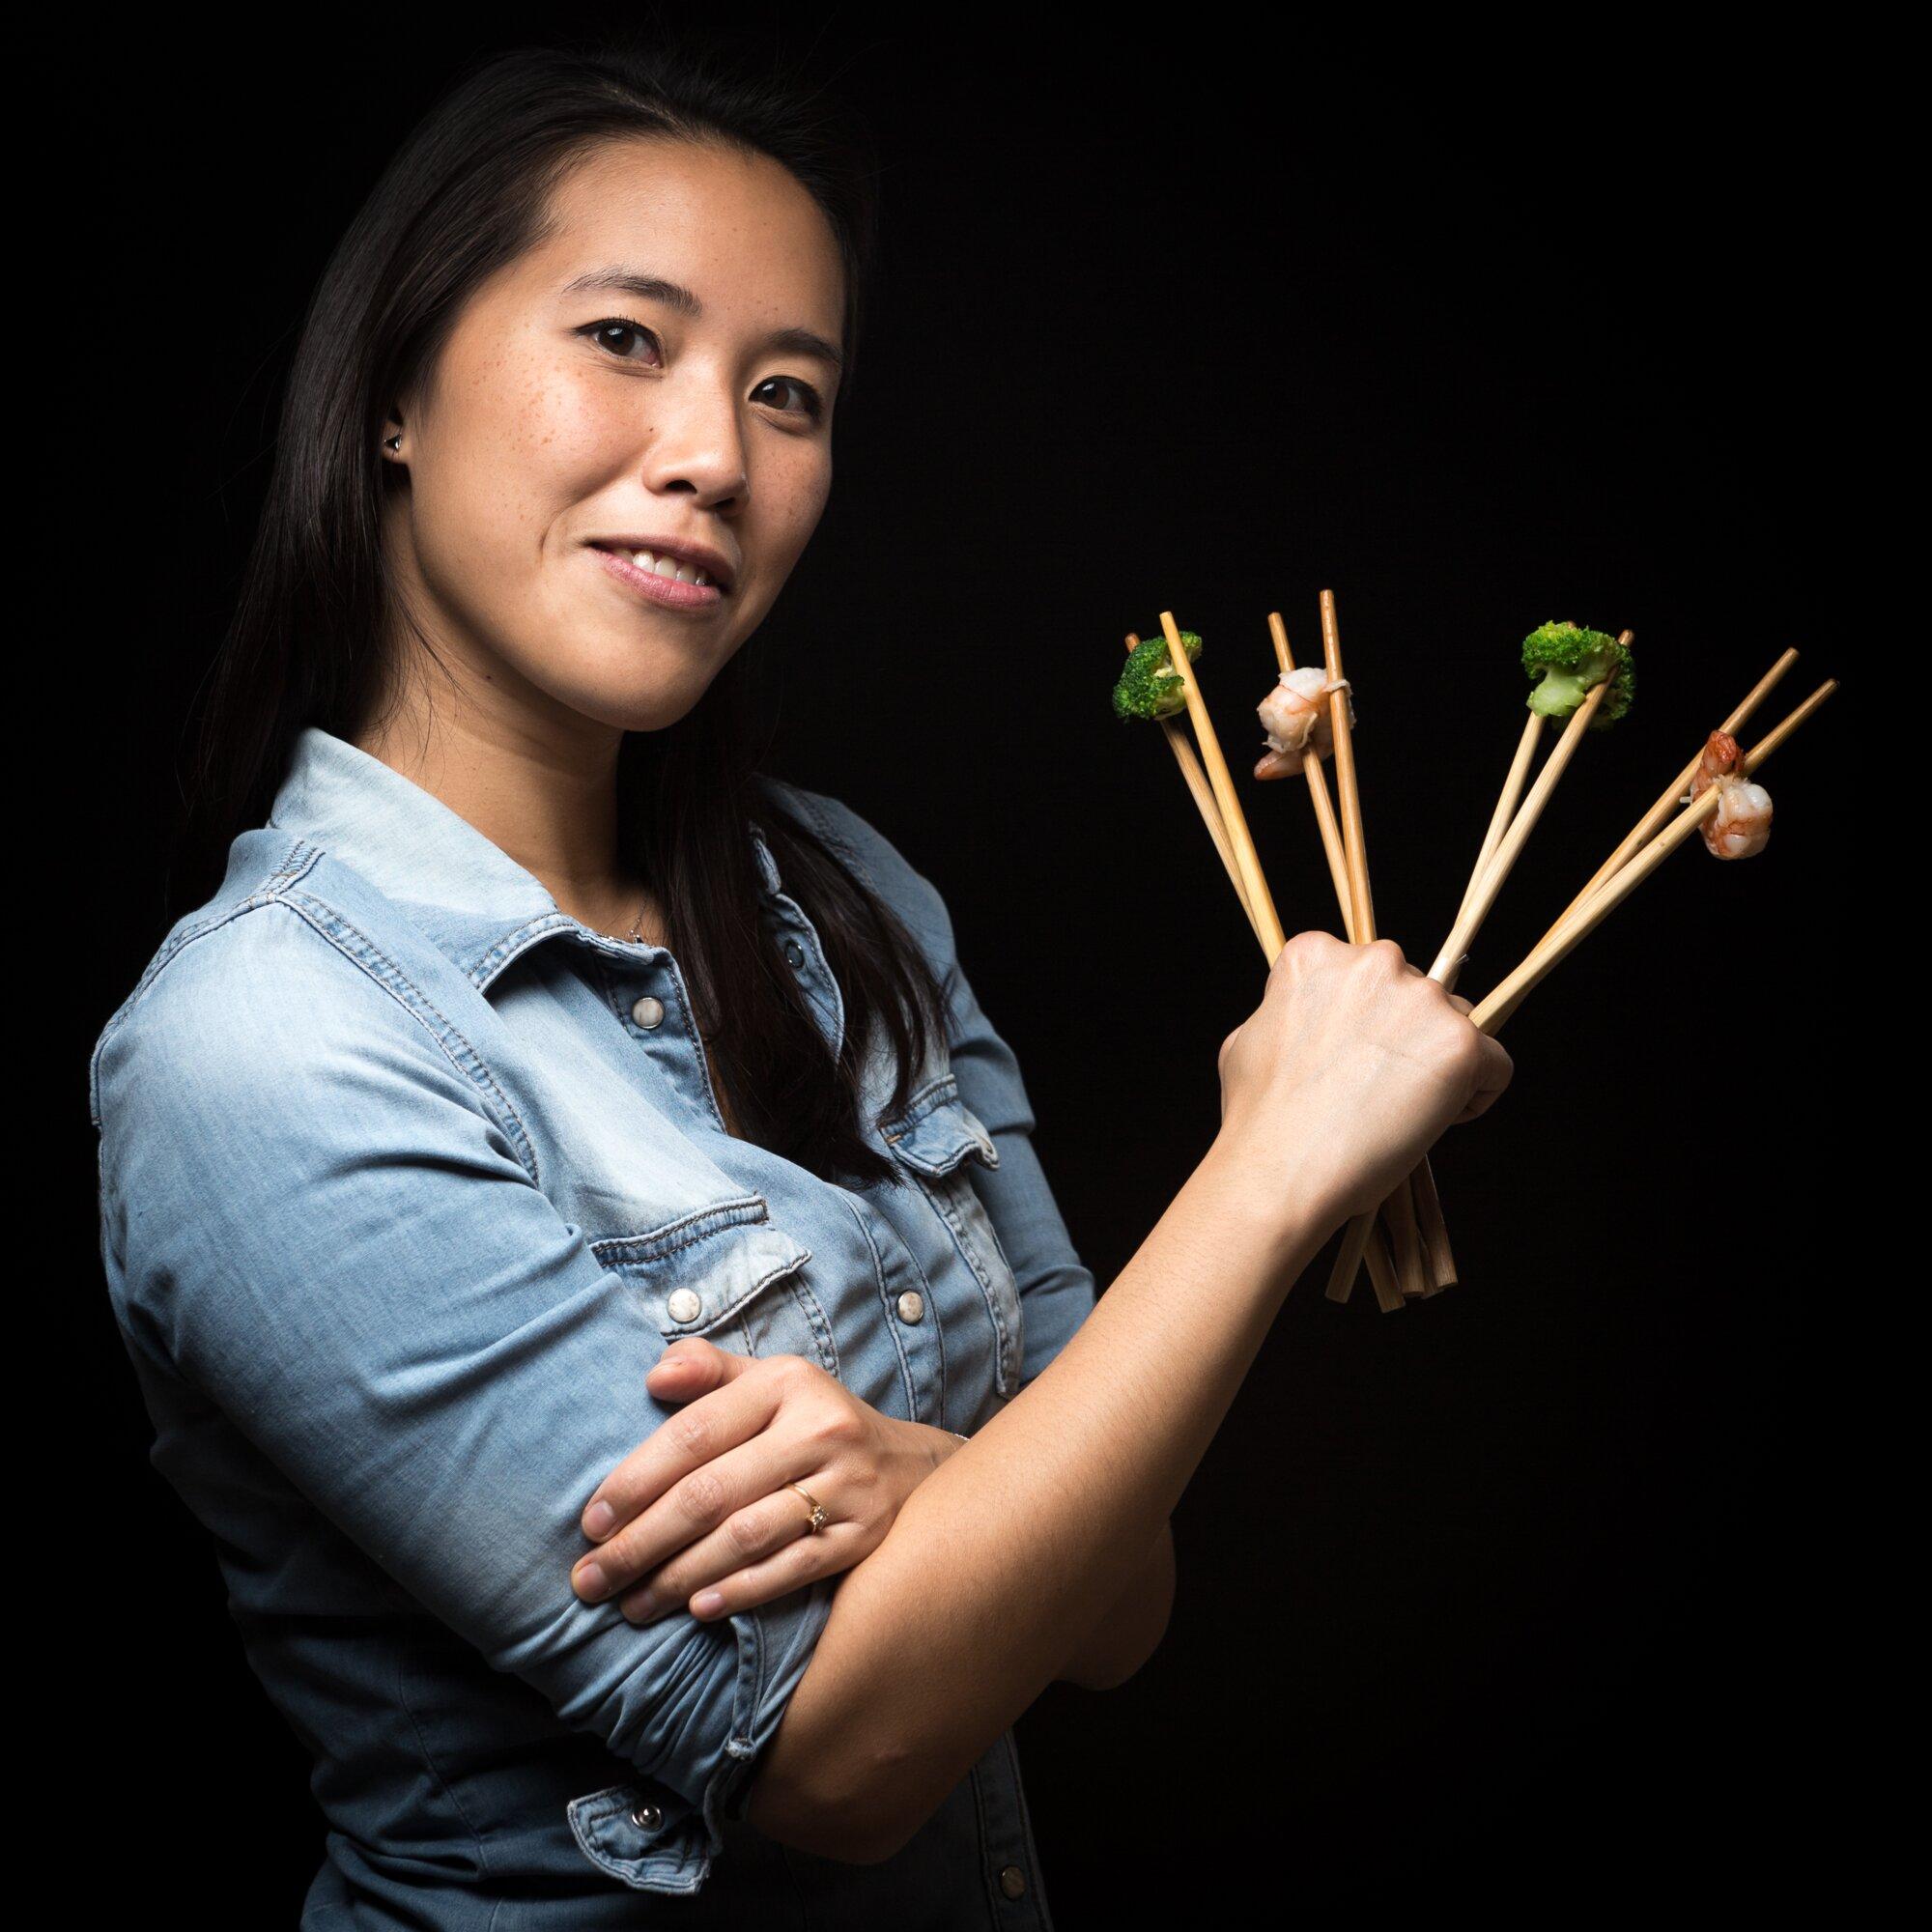 Diana Chao